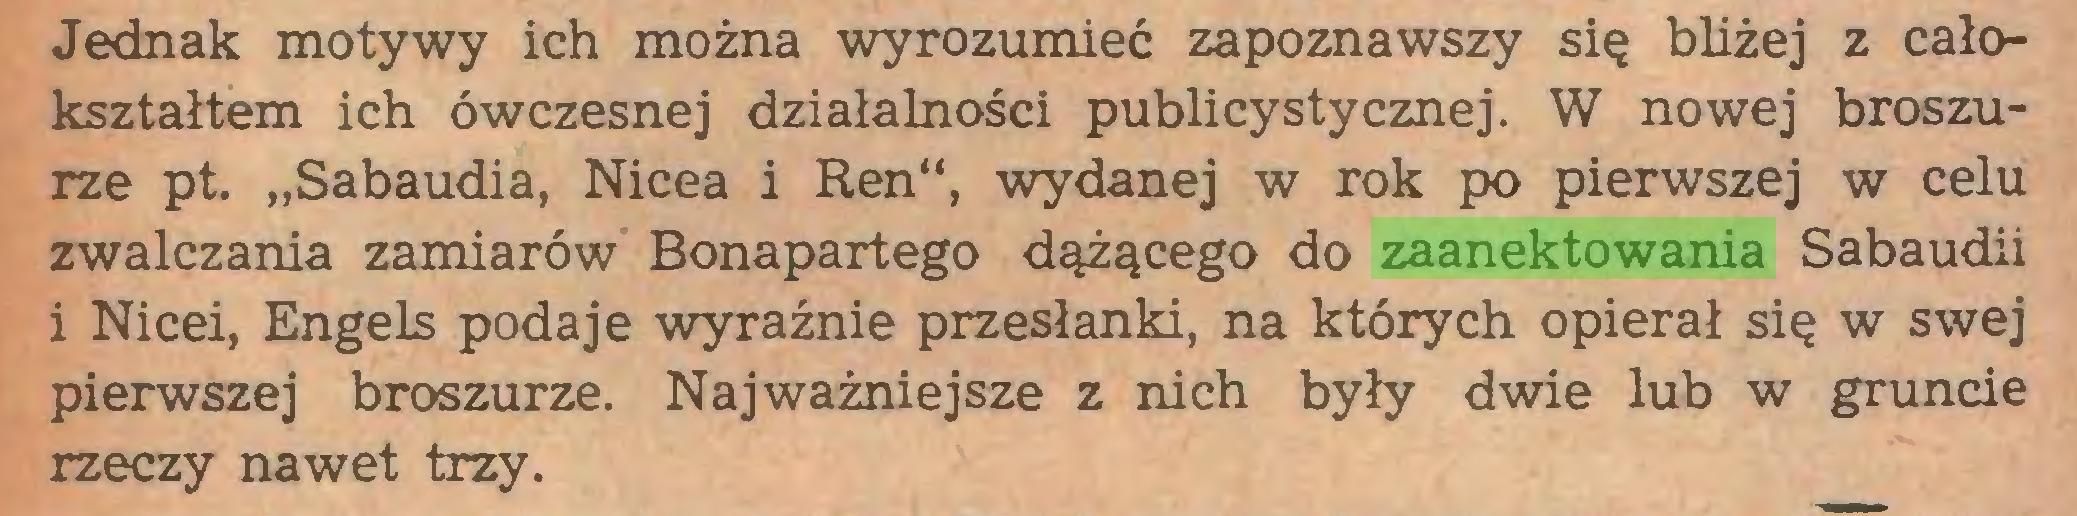 """(...) Jednak motywy ich można wyrozumieć zapoznawszy się bliżej z całokształtem ich ówczesnej działalności publicystycznej. W nowej broszurze pt. """"Sabaudia, Nicea i Ren"""", wydanej w rok po pierwszej w celu zwalczania zamiarów Bonapartego dążącego do zaanektowania Sabaudii i Nicei, Engels podaje wyraźnie przesłanki, na których opierał się w swej pierwszej broszurze. Najważniejsze z nich były dwie lub w gruncie rzeczy nawet trzy..."""